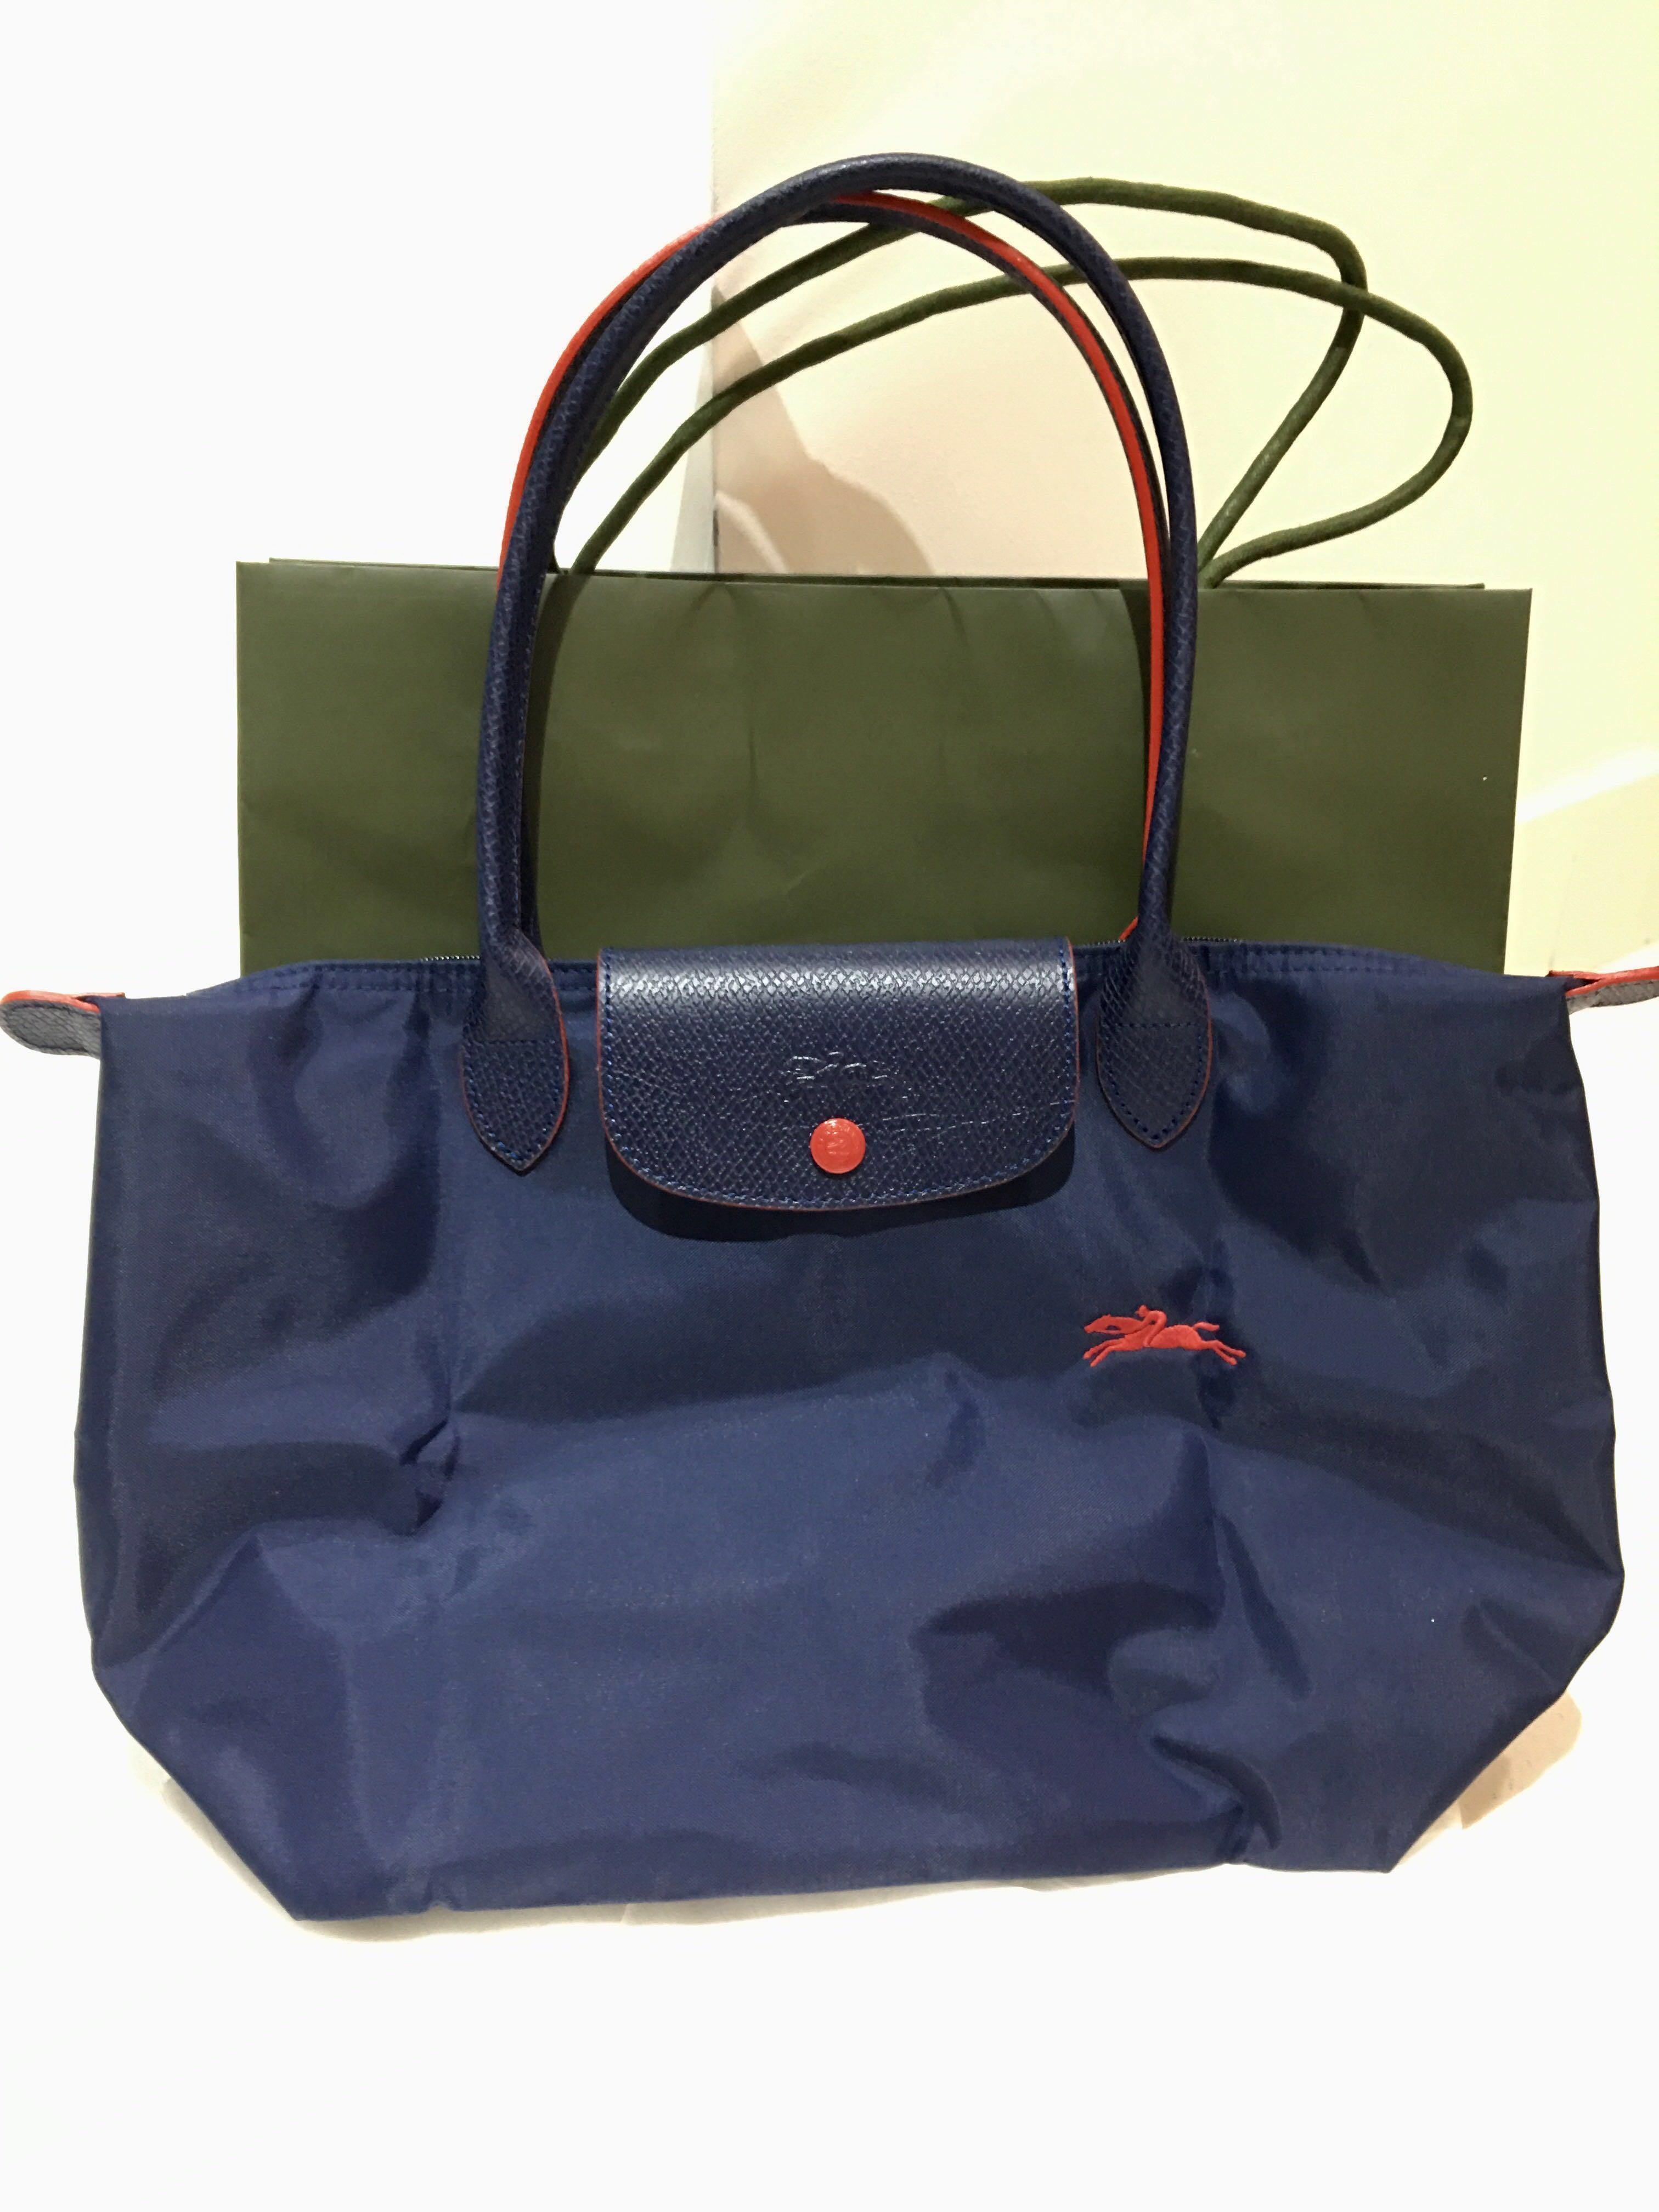 d9e8061236a1 Authentic Longchamp Bag medium (2018 collection)